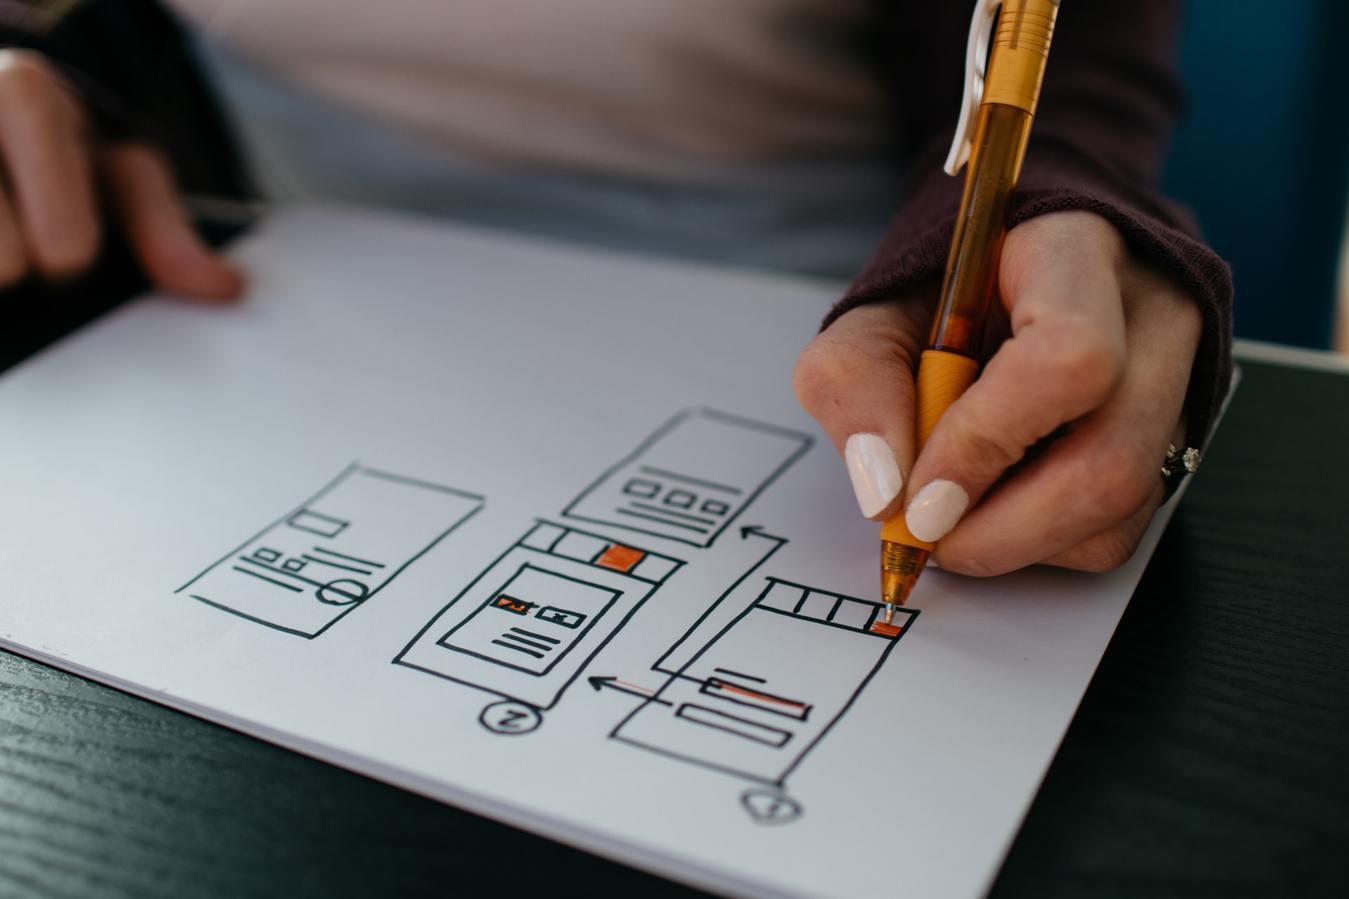 Desenhando à mão interface de experiência do usuário